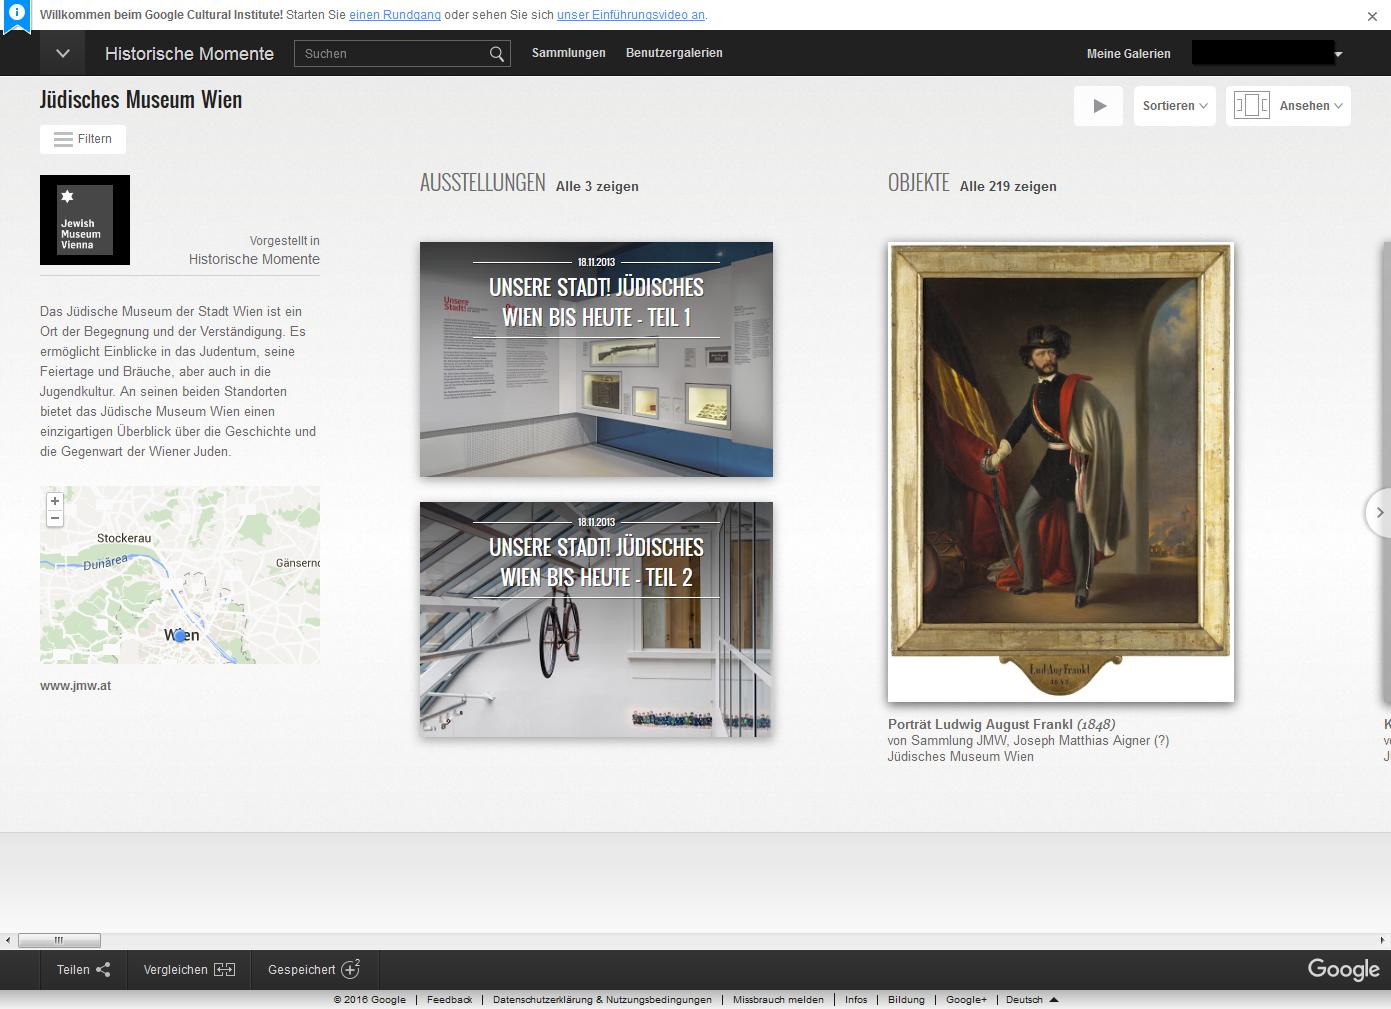 Das Jüdische Museum Wien online